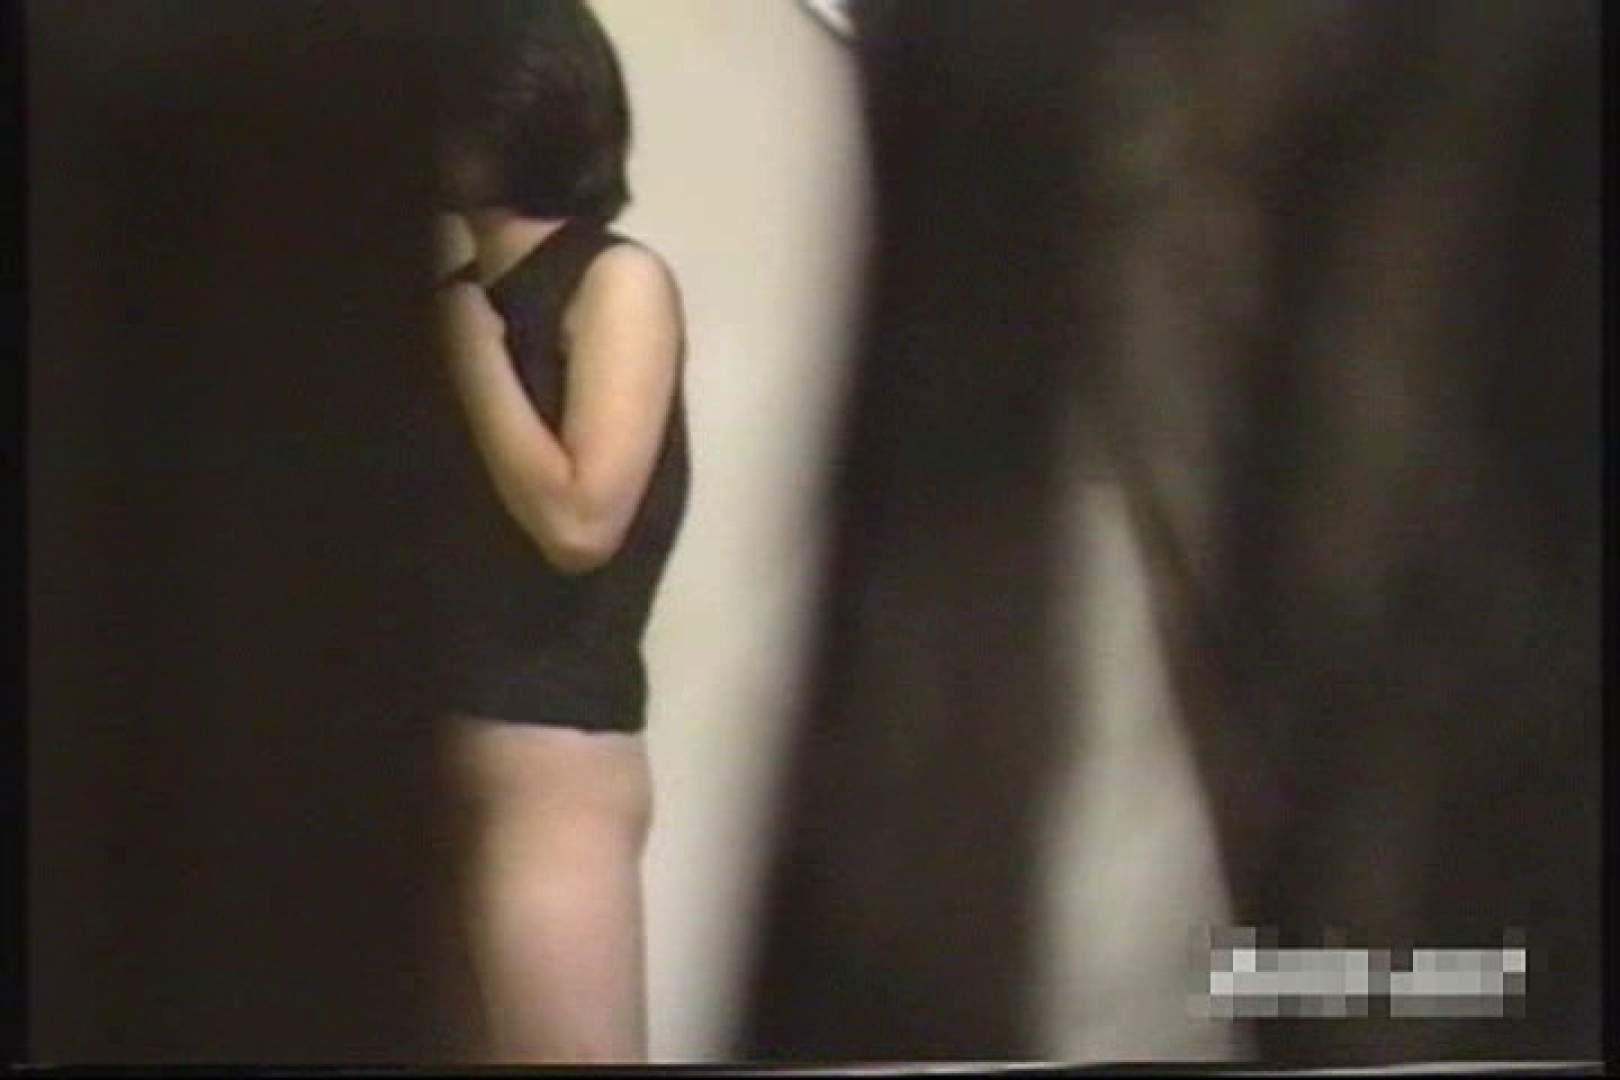 プライベートピーピング 欲求不満な女達Vol.6 女子寮 隠し撮りオマンコ動画紹介 74連発 27